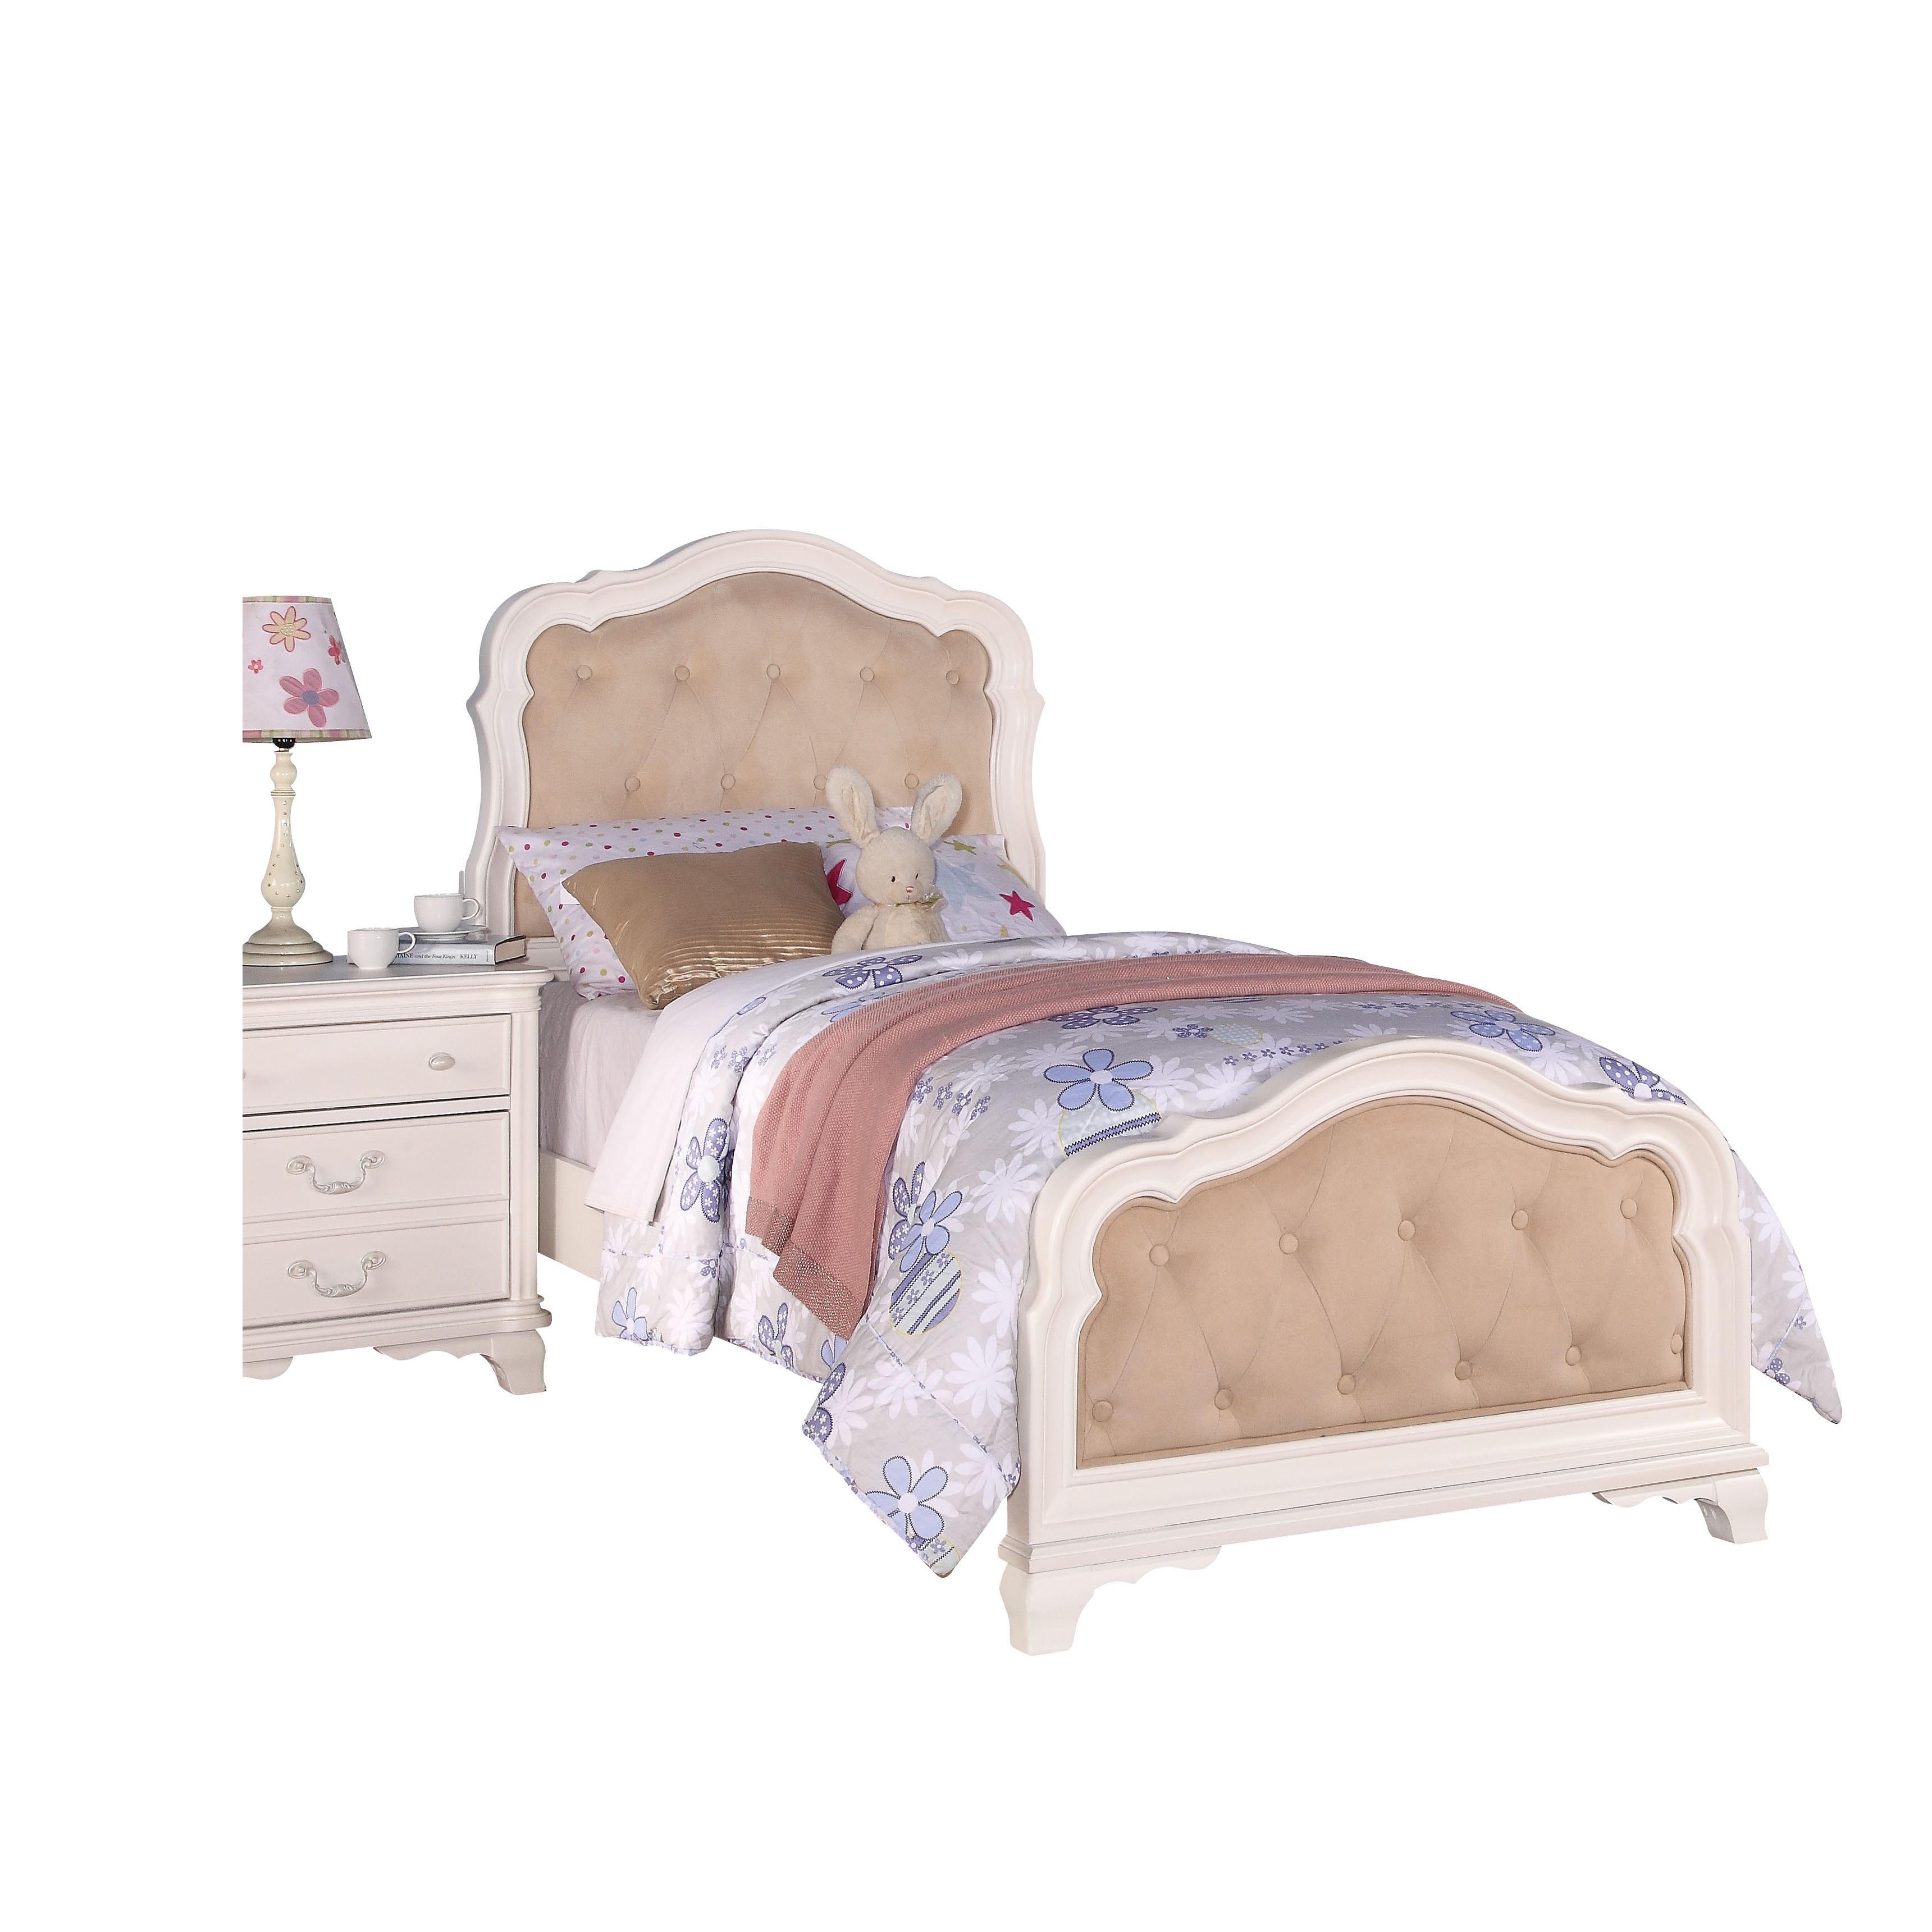 Splendid Acme Furniture Ira Bed, PU and White (Full)